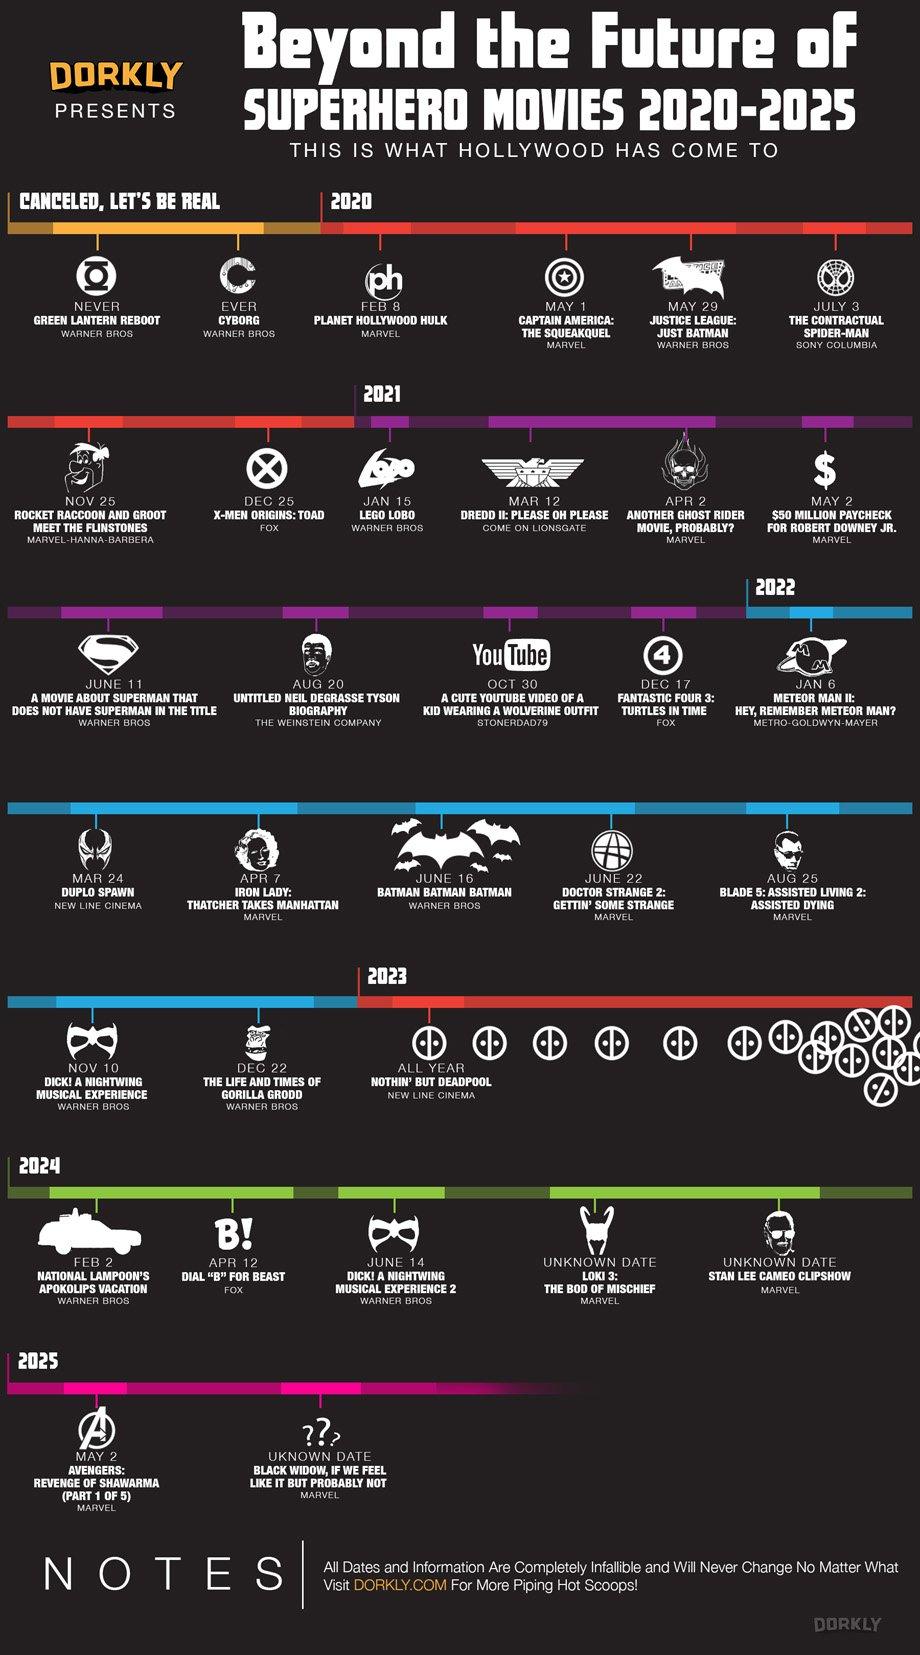 beyond-the-future-of-superhero-movies-2020-2015-amusing-calendar